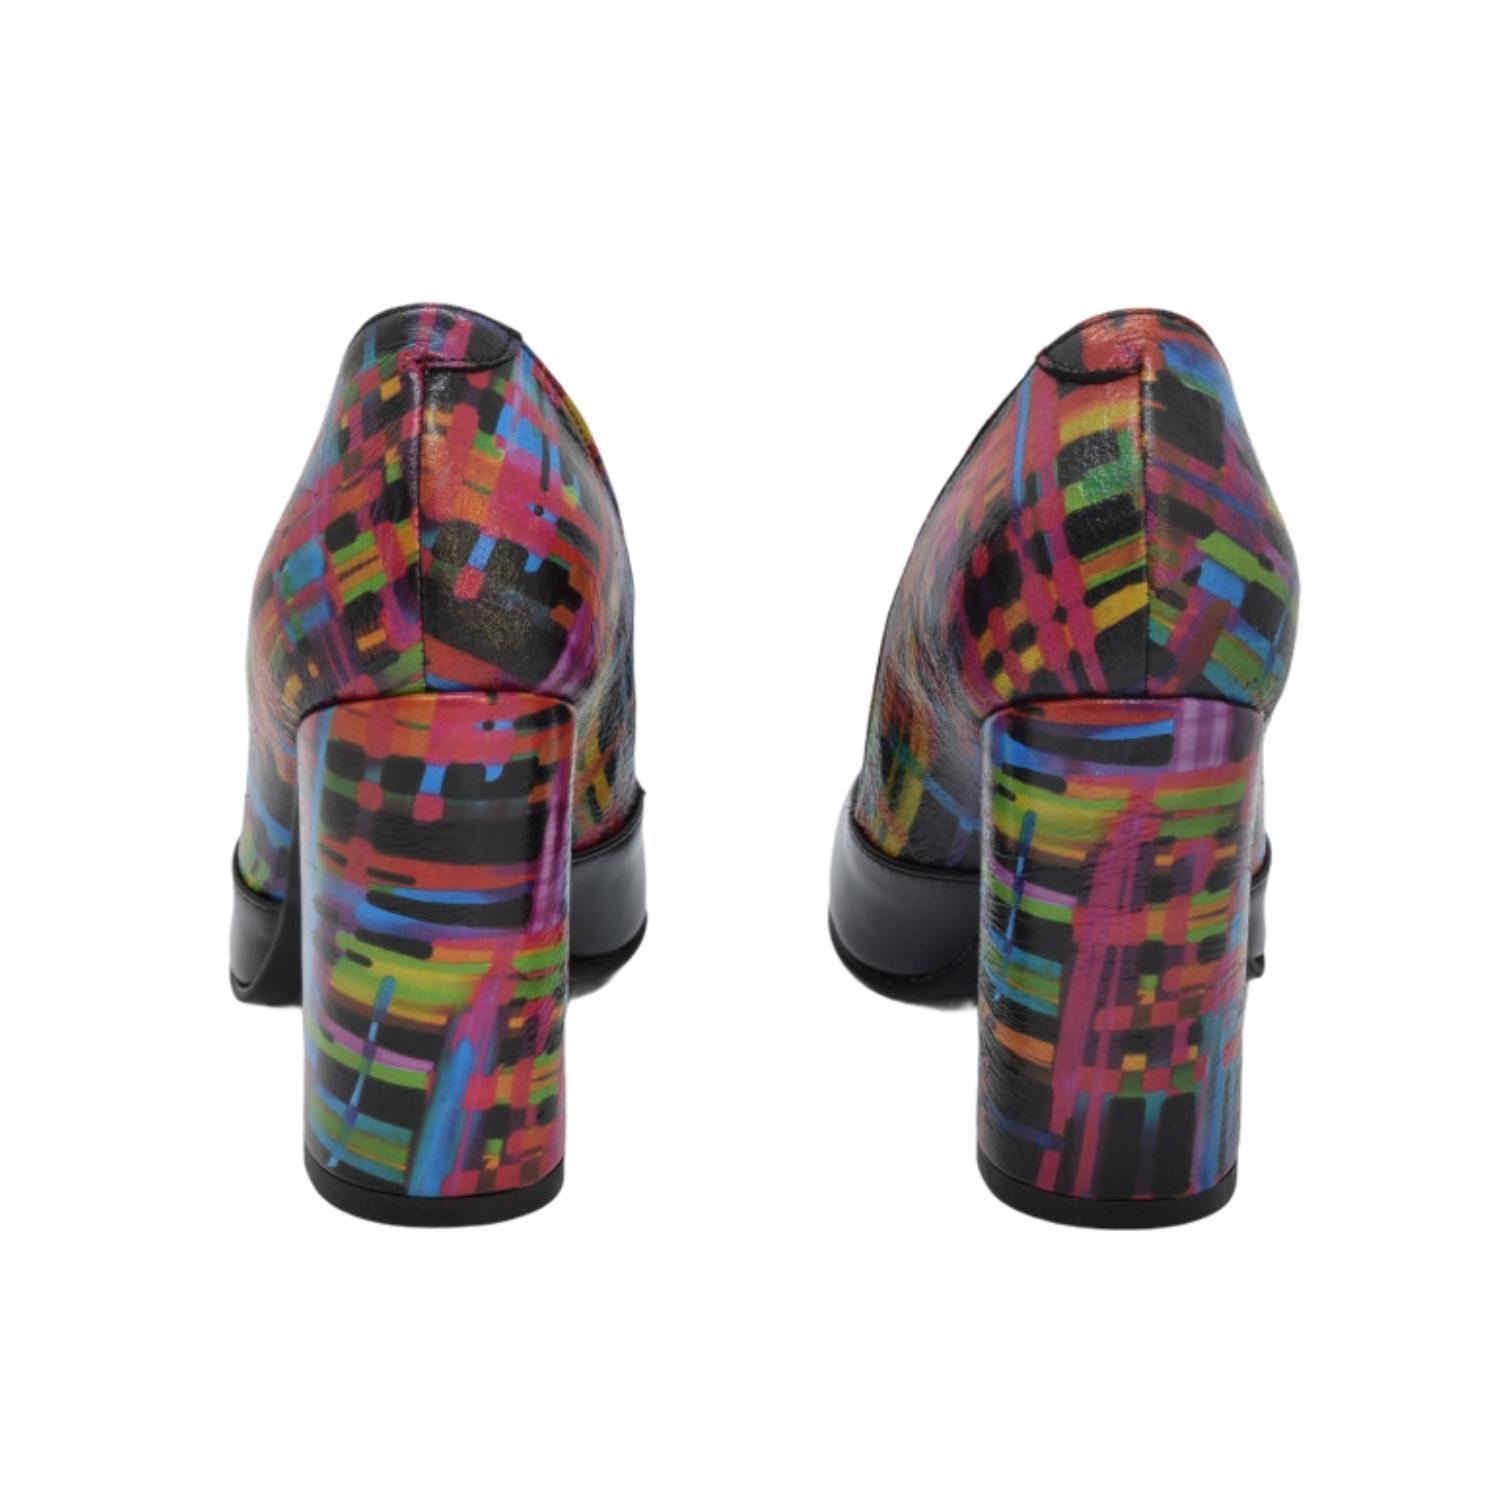 Pantofi negri cu model colorat abstract